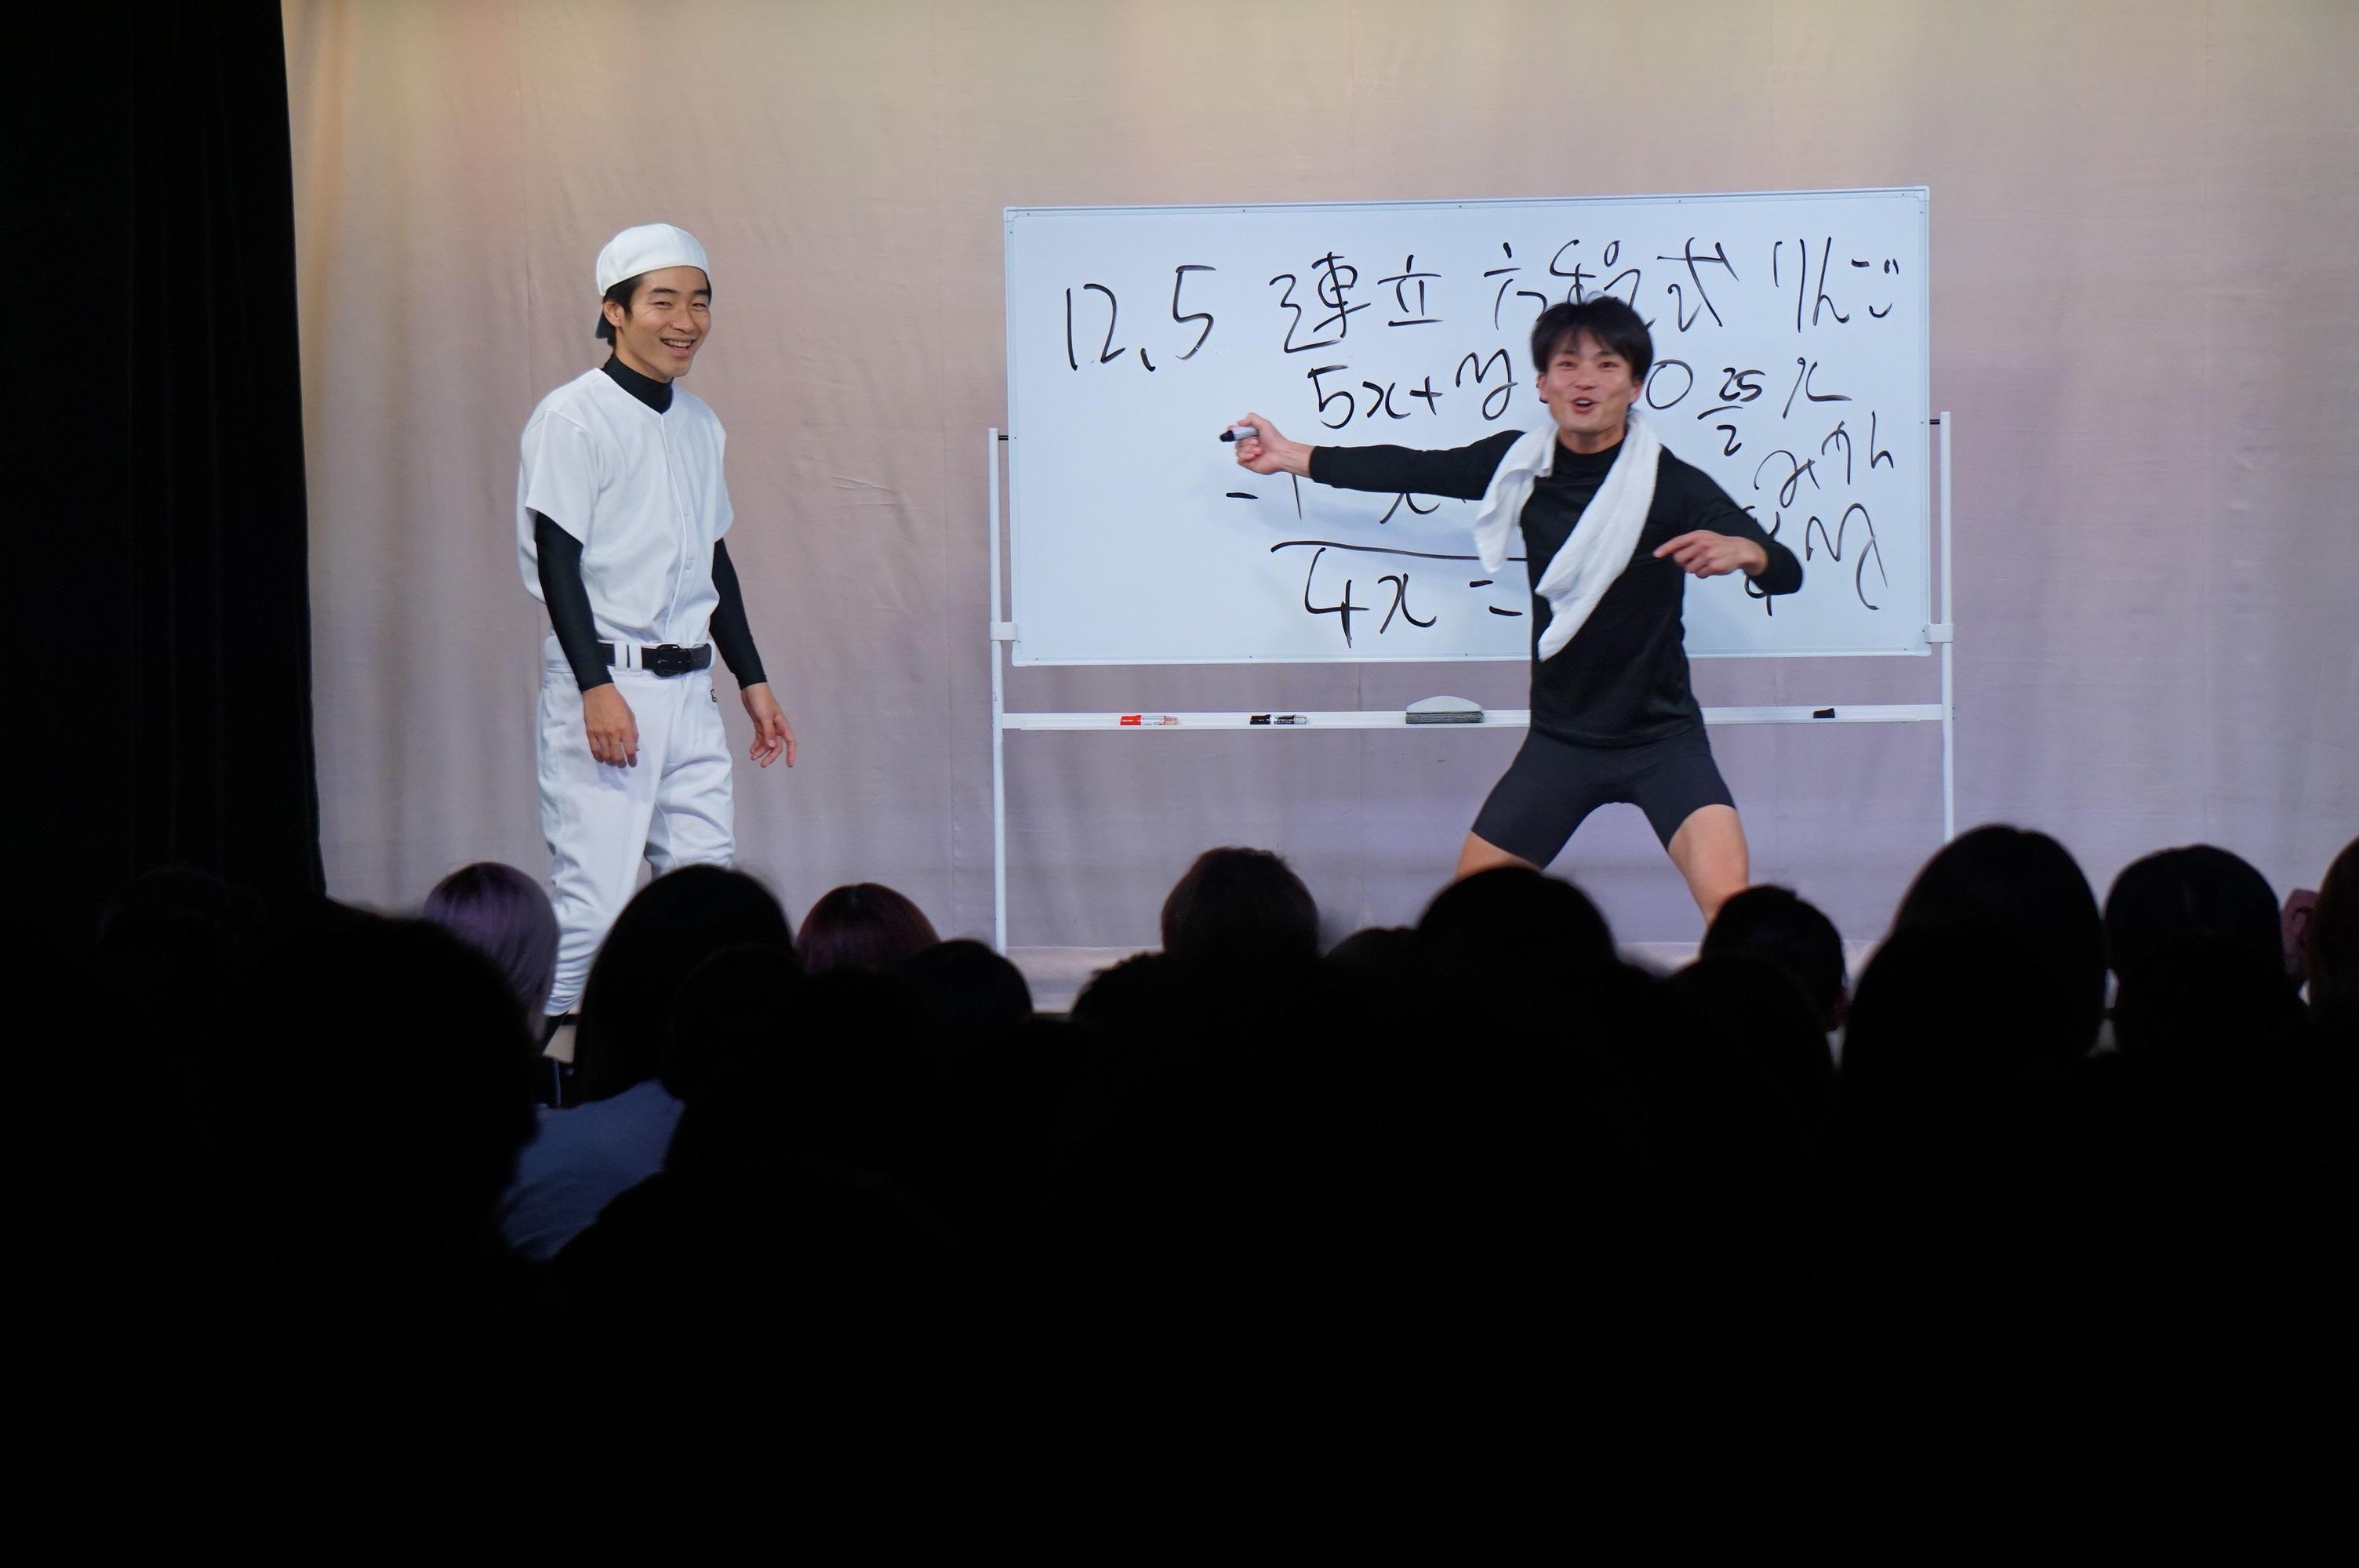 http://news.yoshimoto.co.jp/20161115190751-29fabffc89460daa82e7cea2994767673d19f8d2.jpg